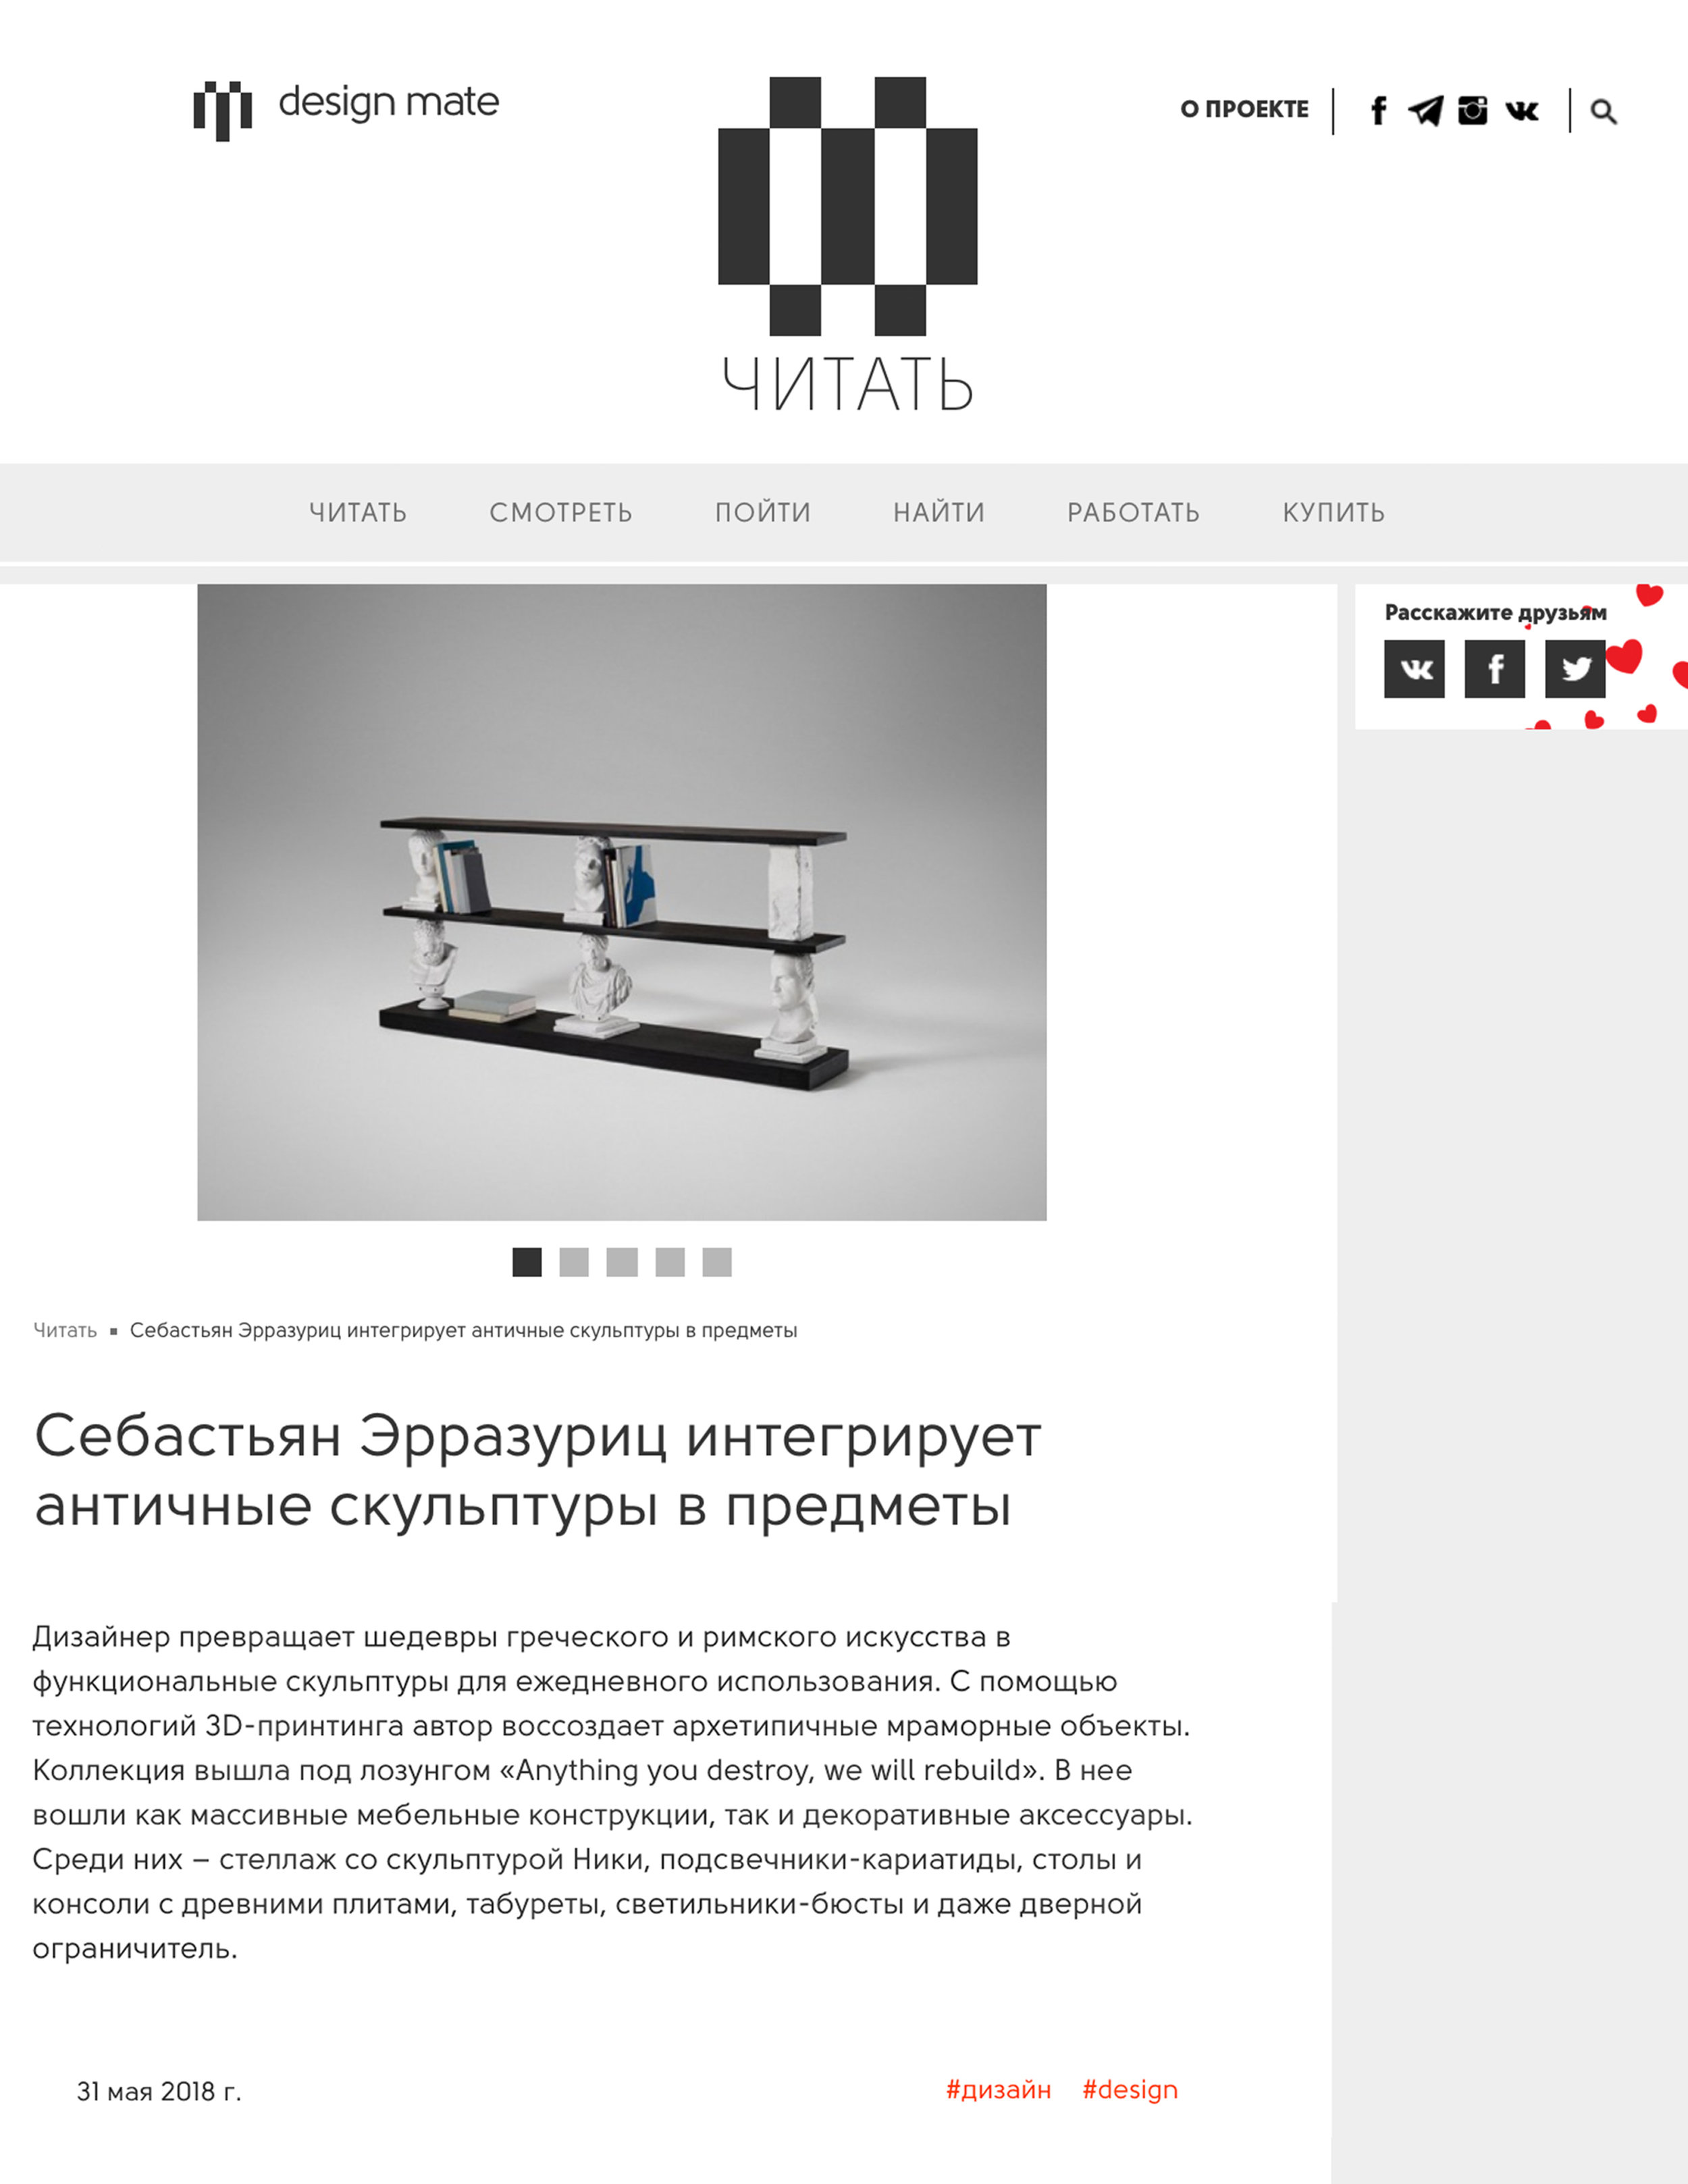 GillPress_Press_mr_DesignmateLetter_1.jpg